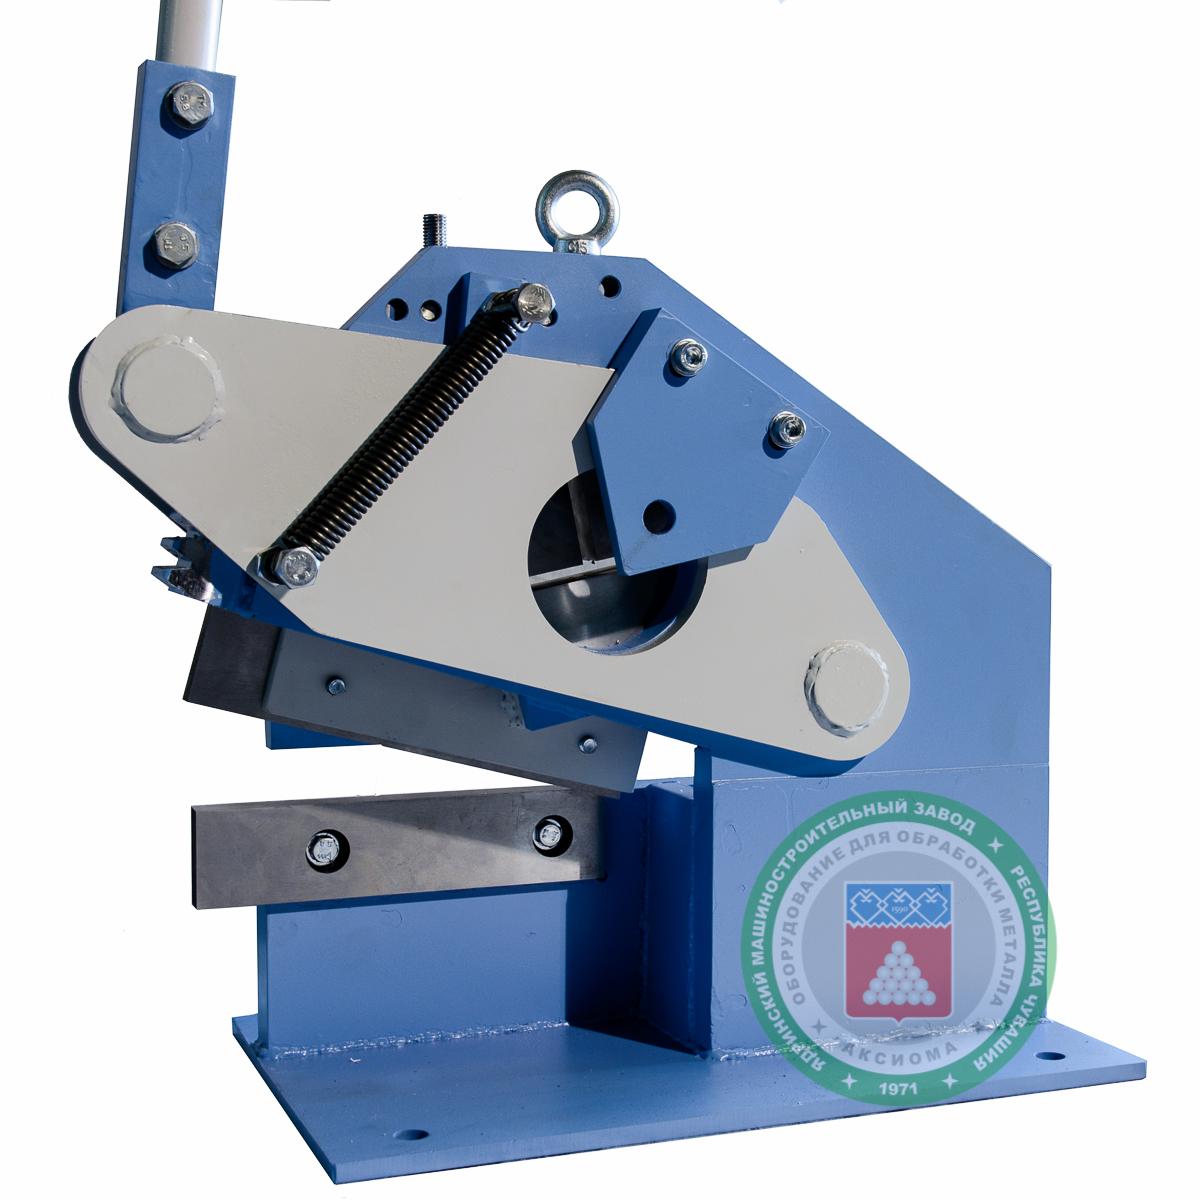 Обзор профессиональных (ручных) ножниц для резки металла